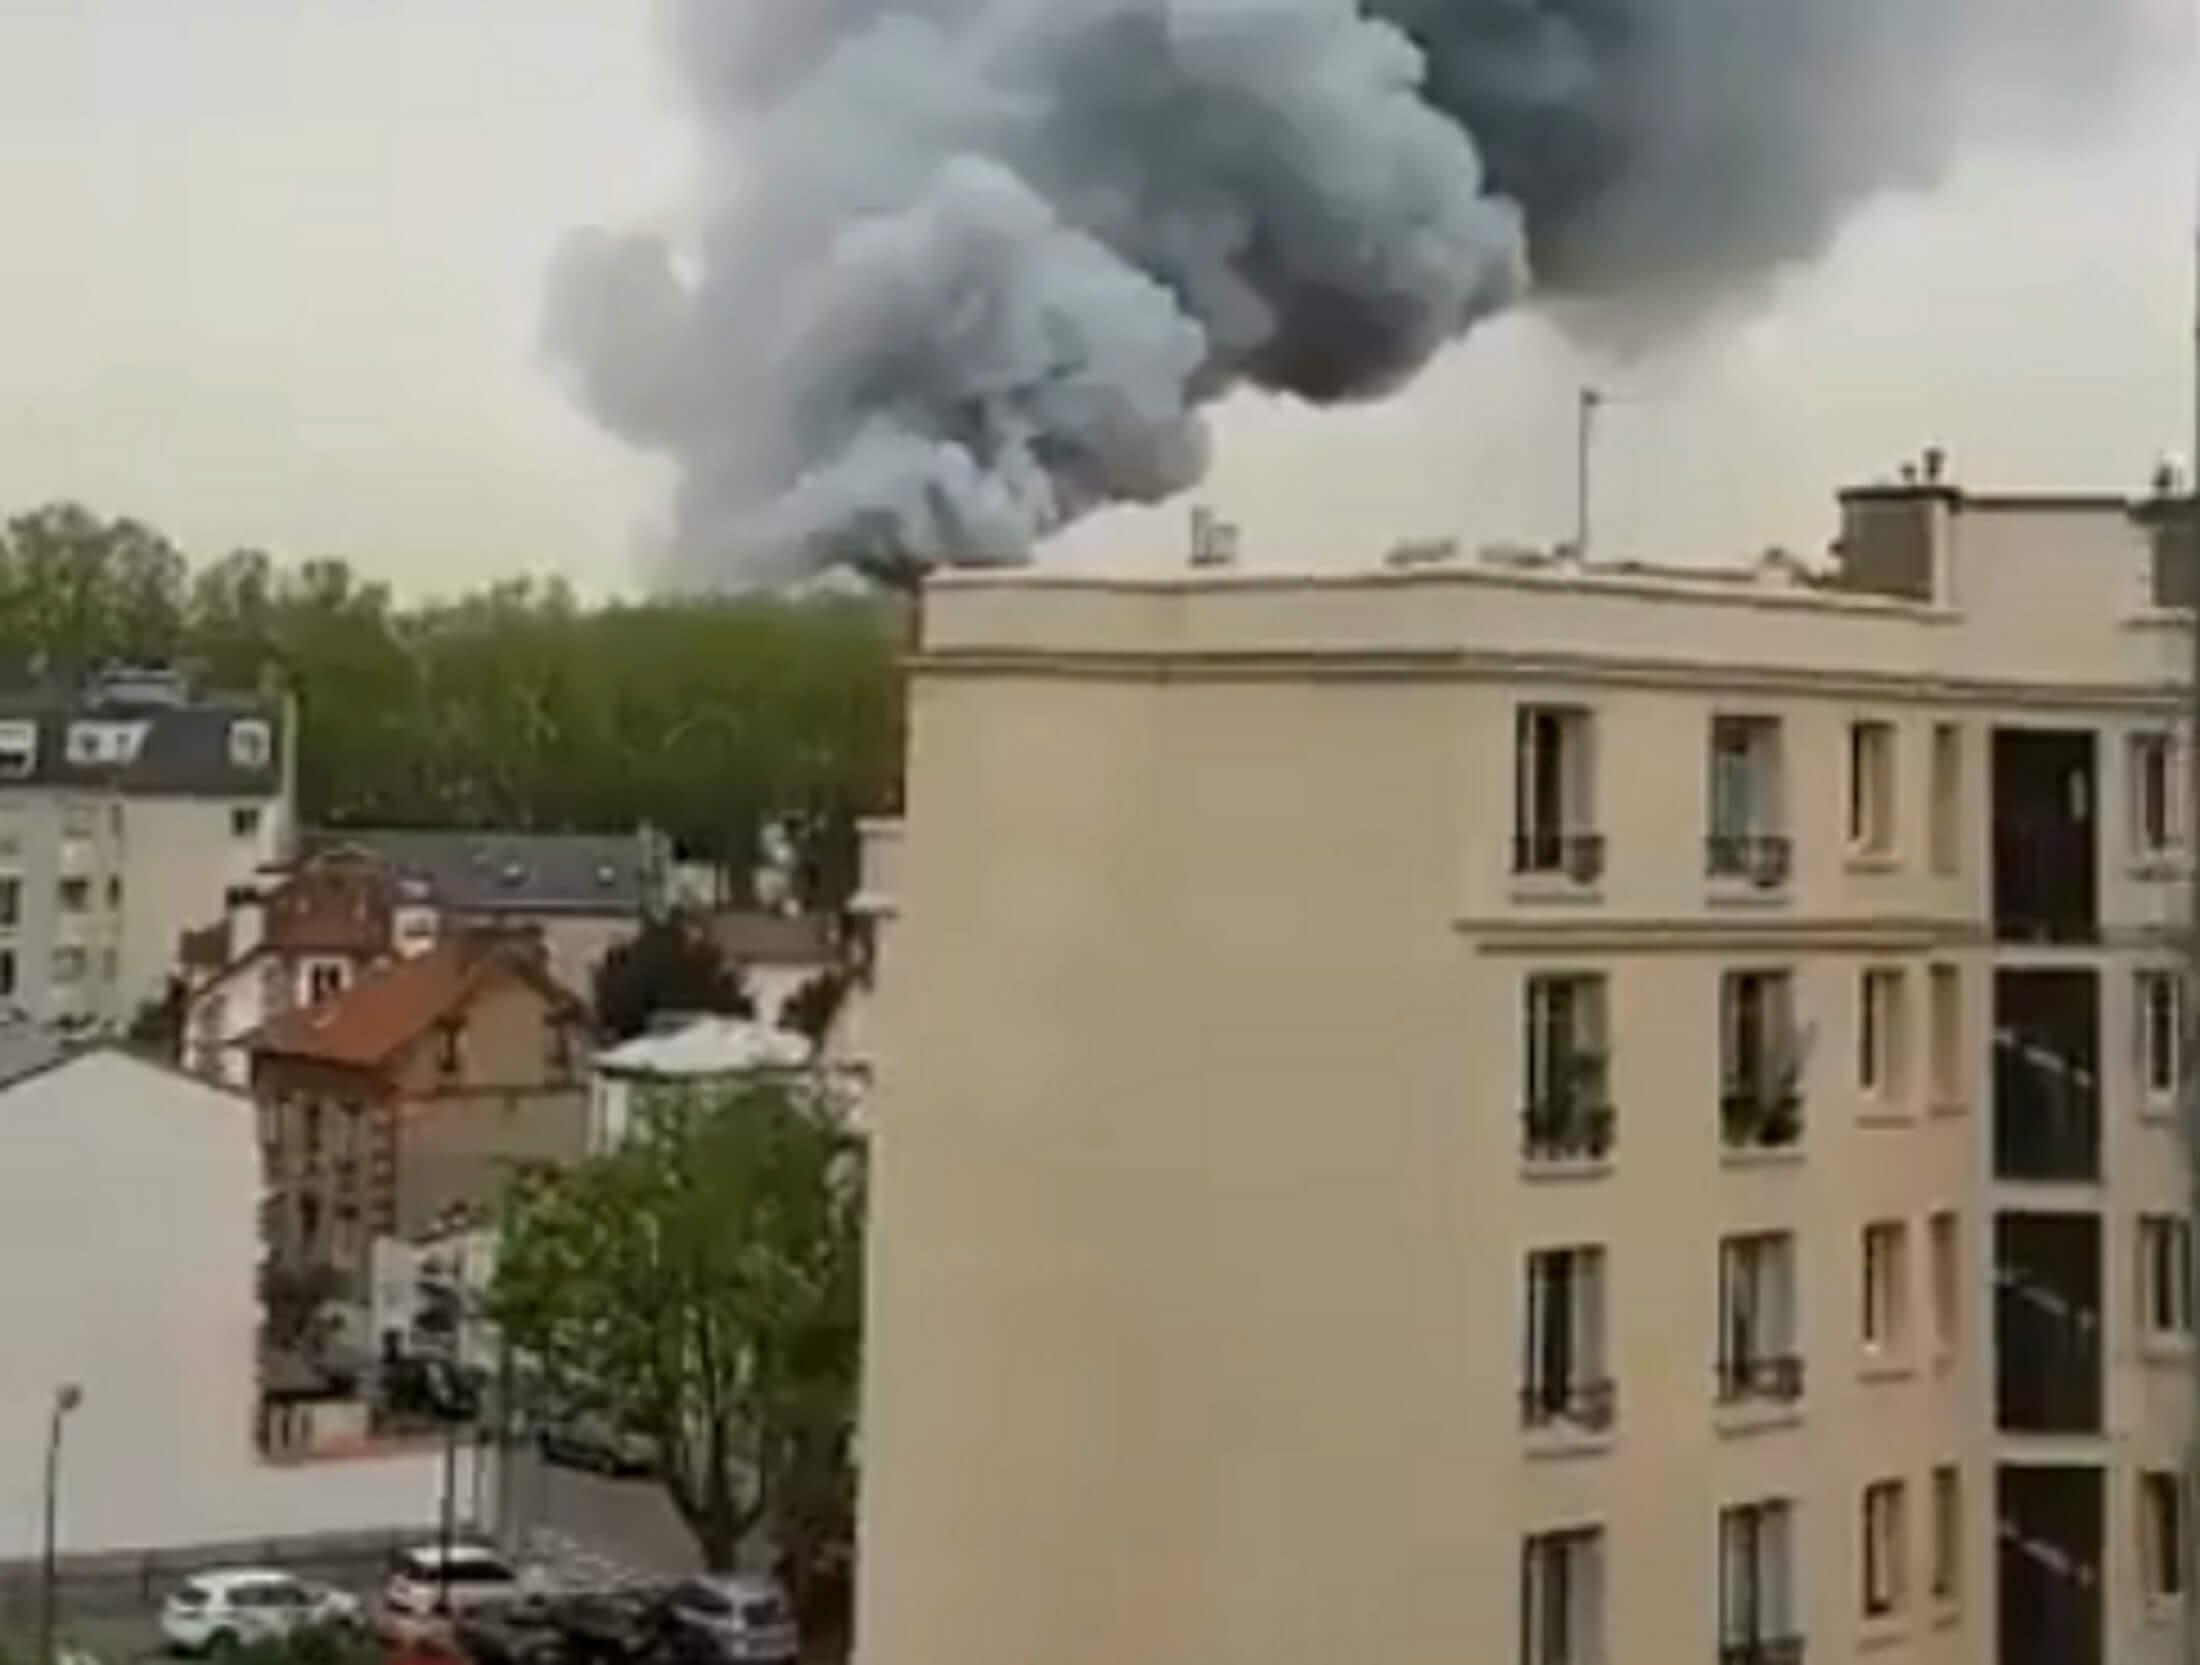 Φωτιά τώρα στις Βερσαλίες – Συναγερμός στις πυροσβεστικές δυνάμεις!